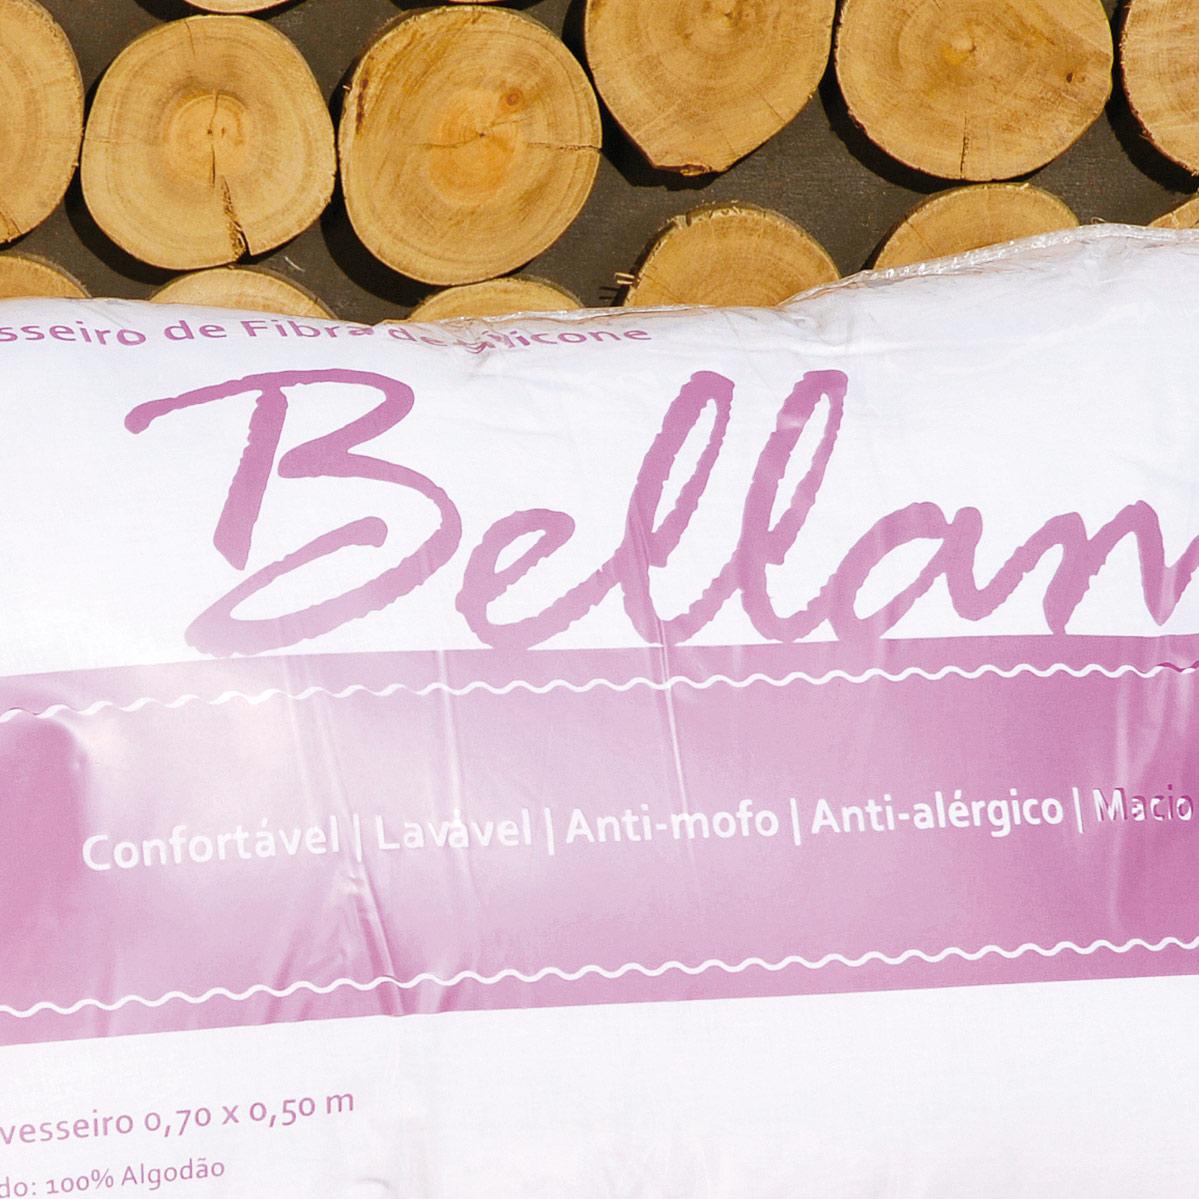 Travesseiro 48cm x 68cm - Travesseiro de Cama Bellamo